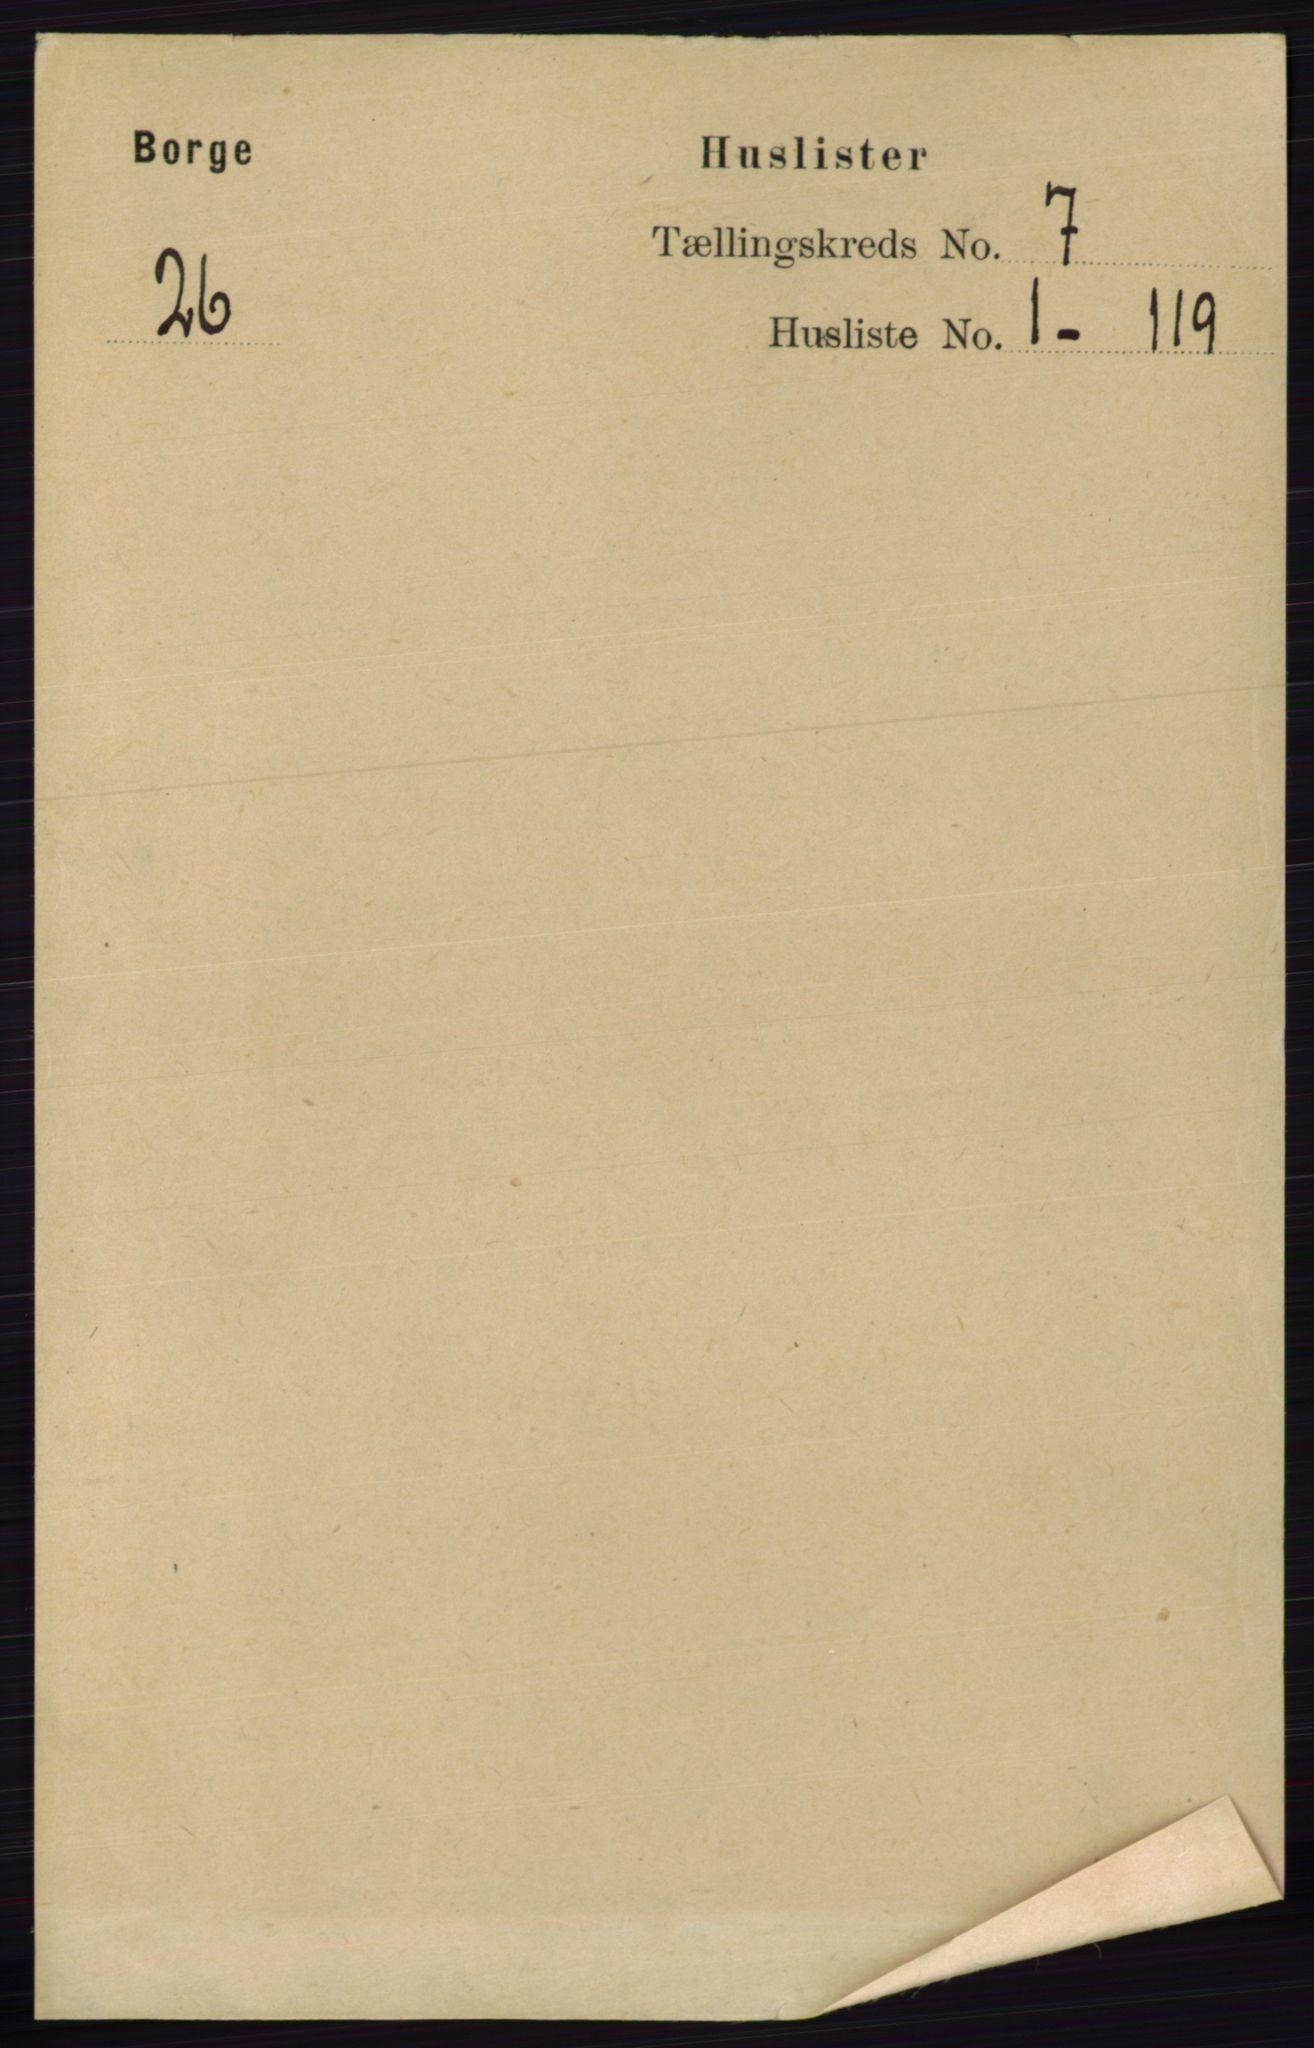 RA, Folketelling 1891 for 0113 Borge herred, 1891, s. 3886